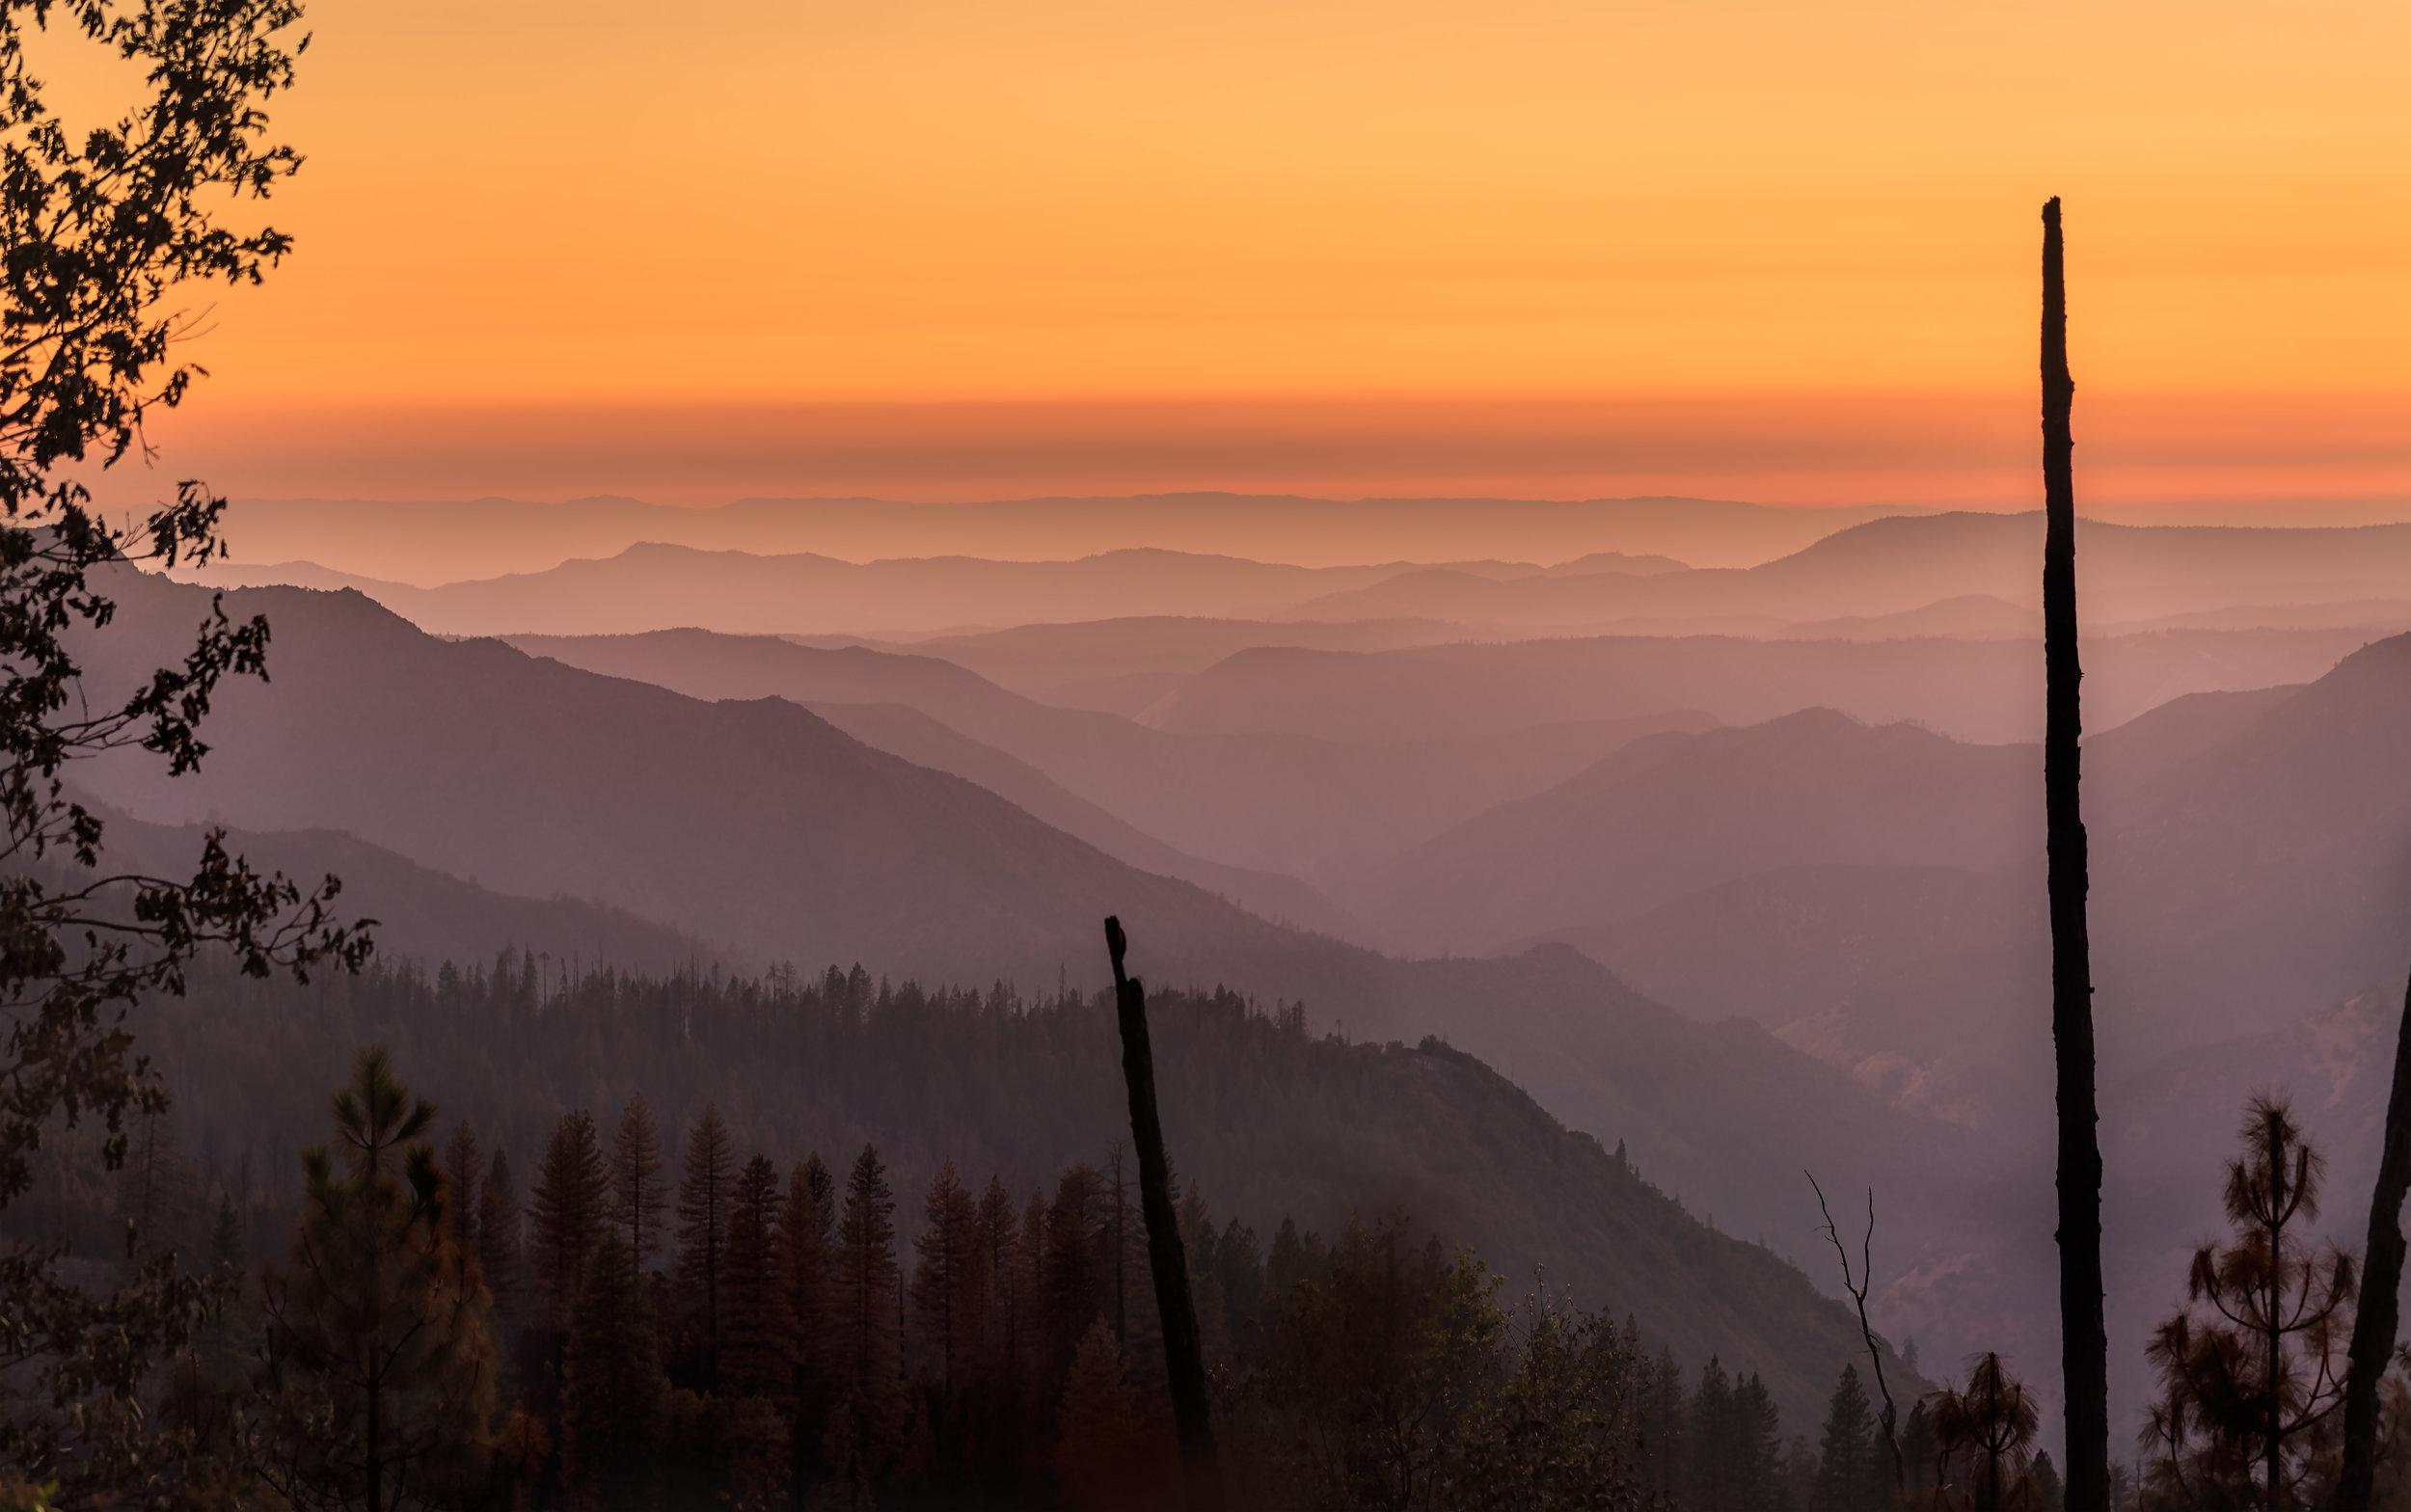 sunset_yosemite.jpg